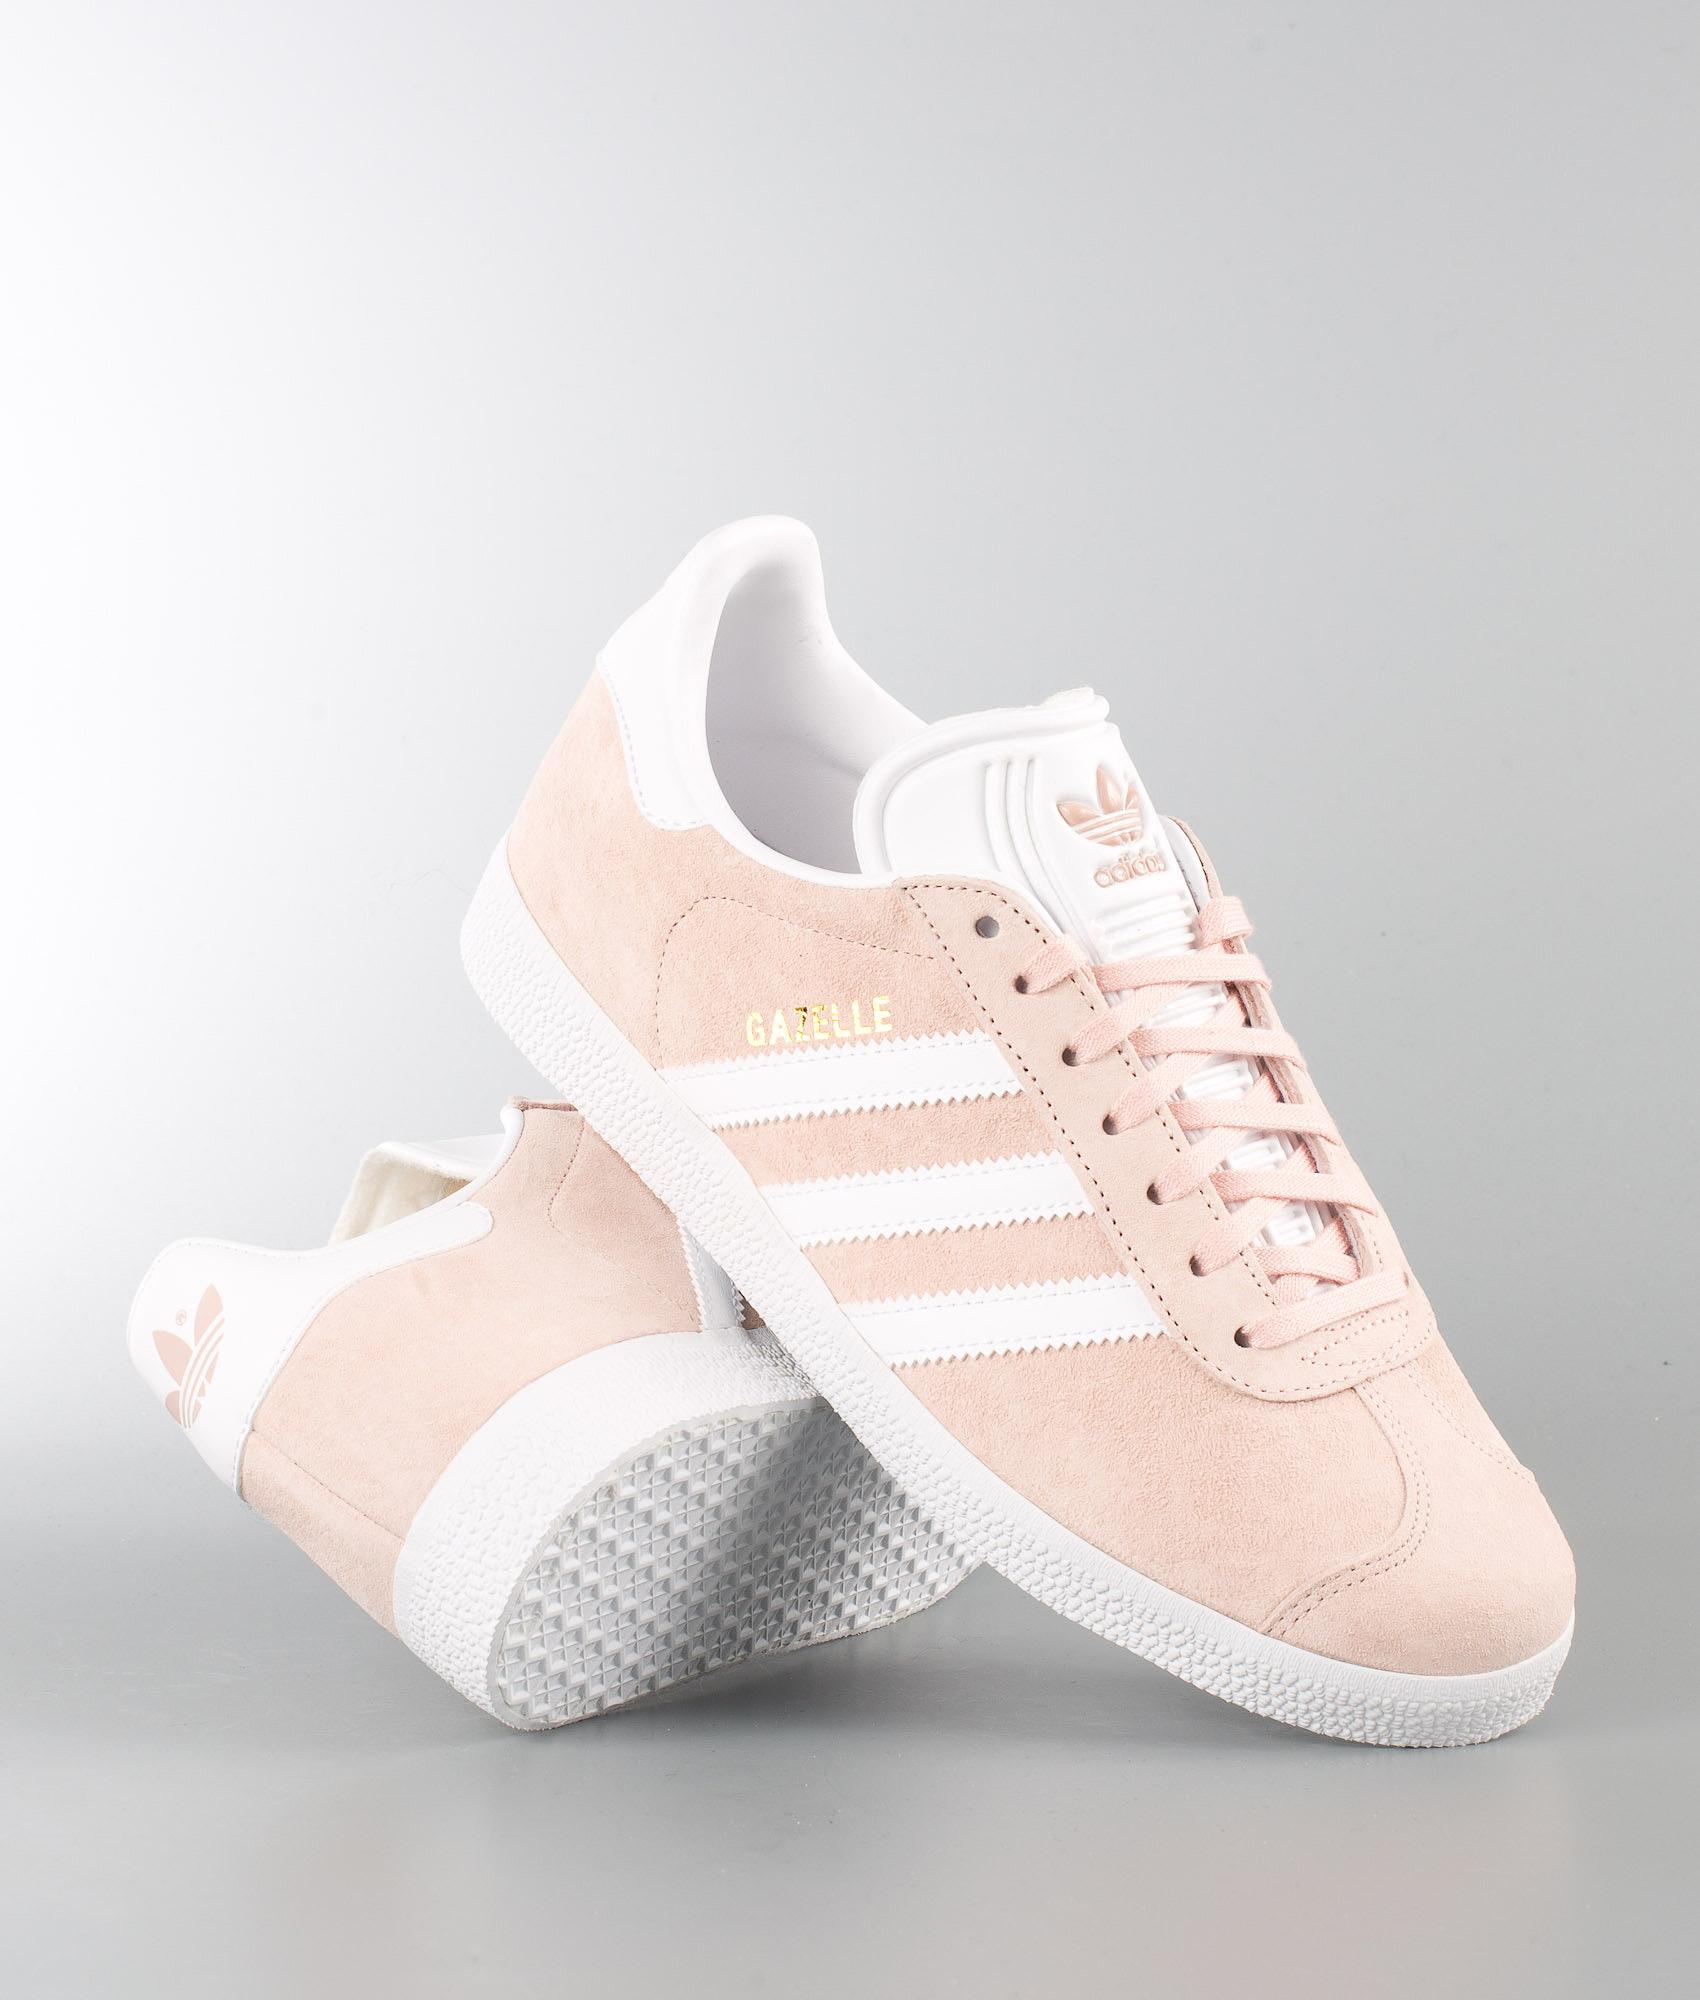 reputable site 04308 ada60 Adidas Originals